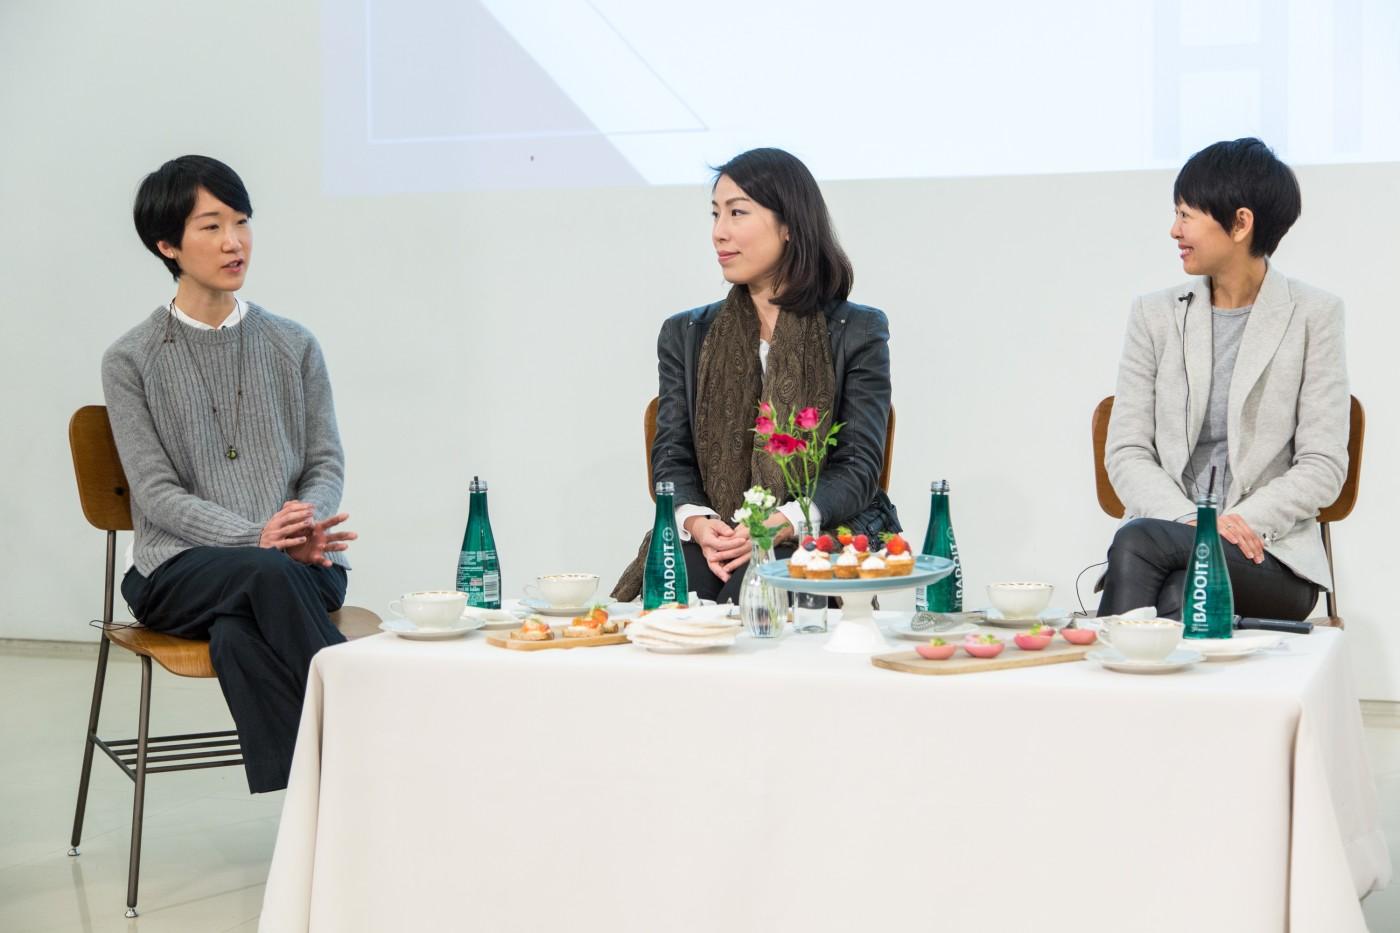 台灣每兩位女性就有一位有創業夢!Facebook梁幼莓、余宛如鼓勵女性勇敢追夢